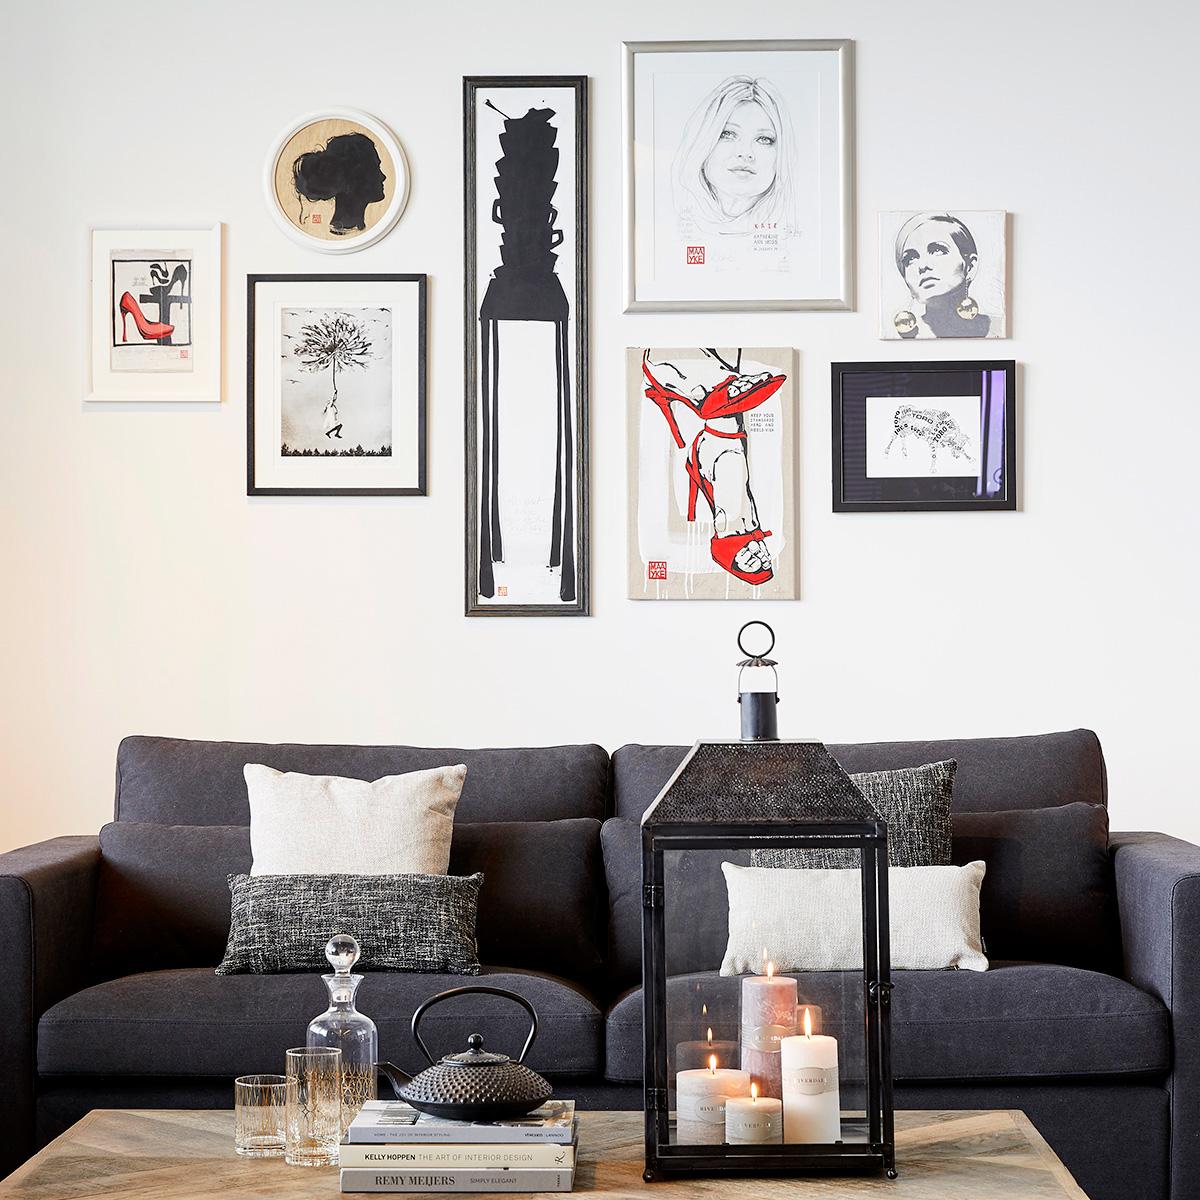 Keep your heels high schilderij | Eigen gemaakte gallery wall